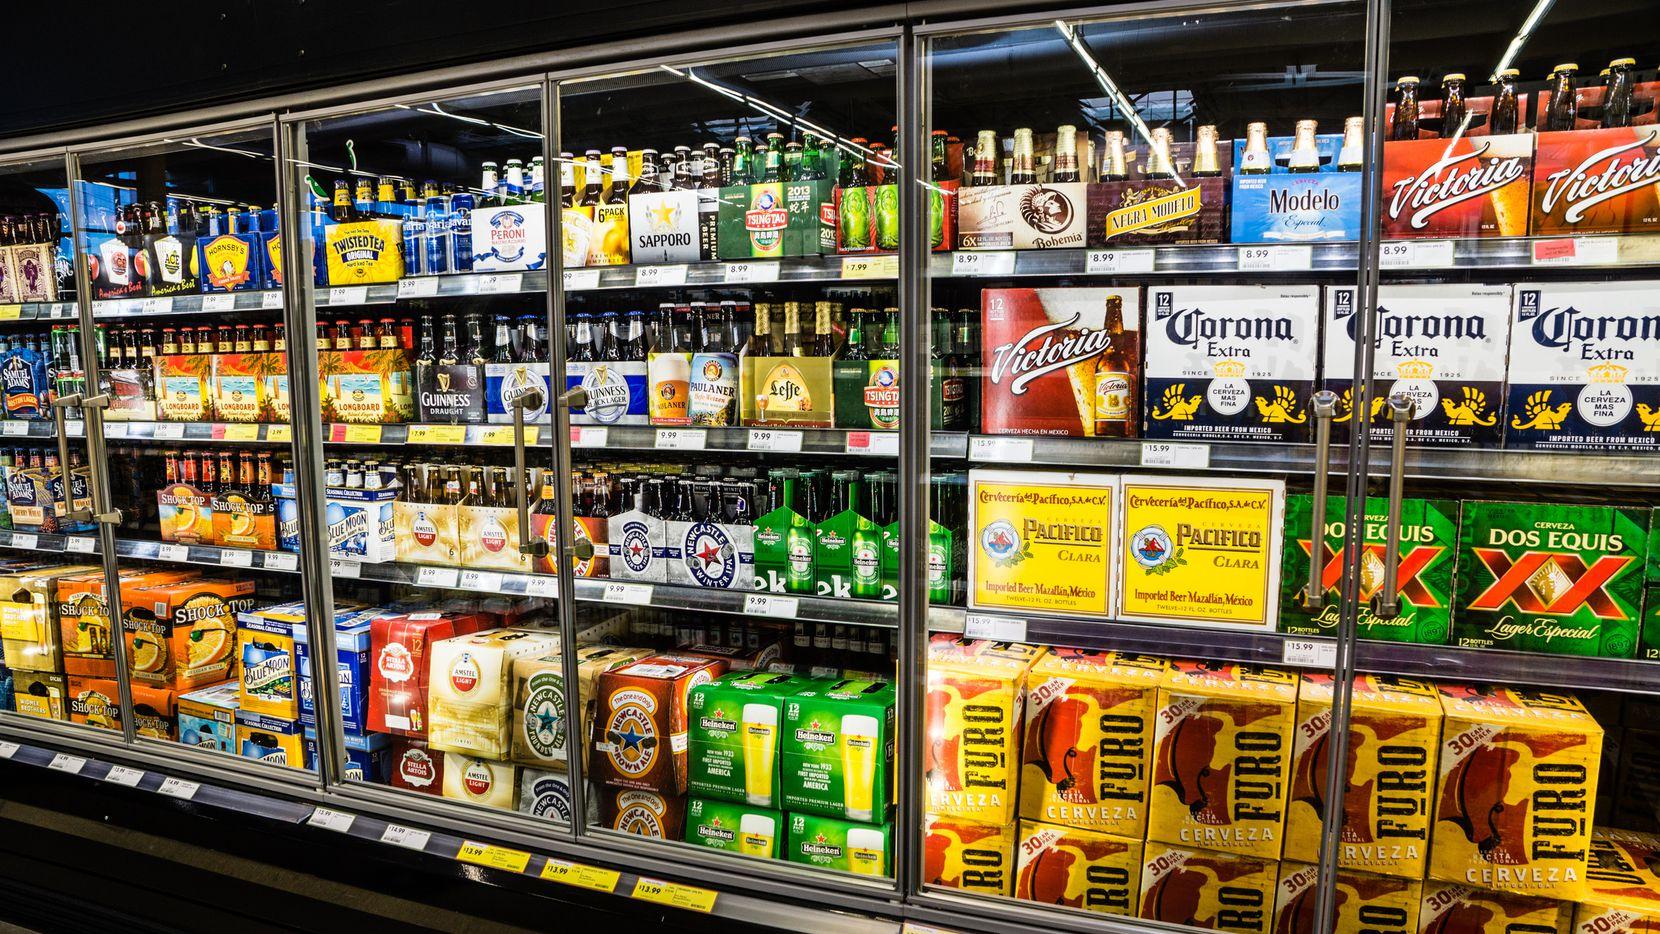 Este 1 de septiembre entran en vigor 666 nuevas leyes en Texas y una de ellas permite comprar cerveza y vino los domingos a partir de las 10 a.m. y no de las 12 p.m., como ocurría hasta ahora.